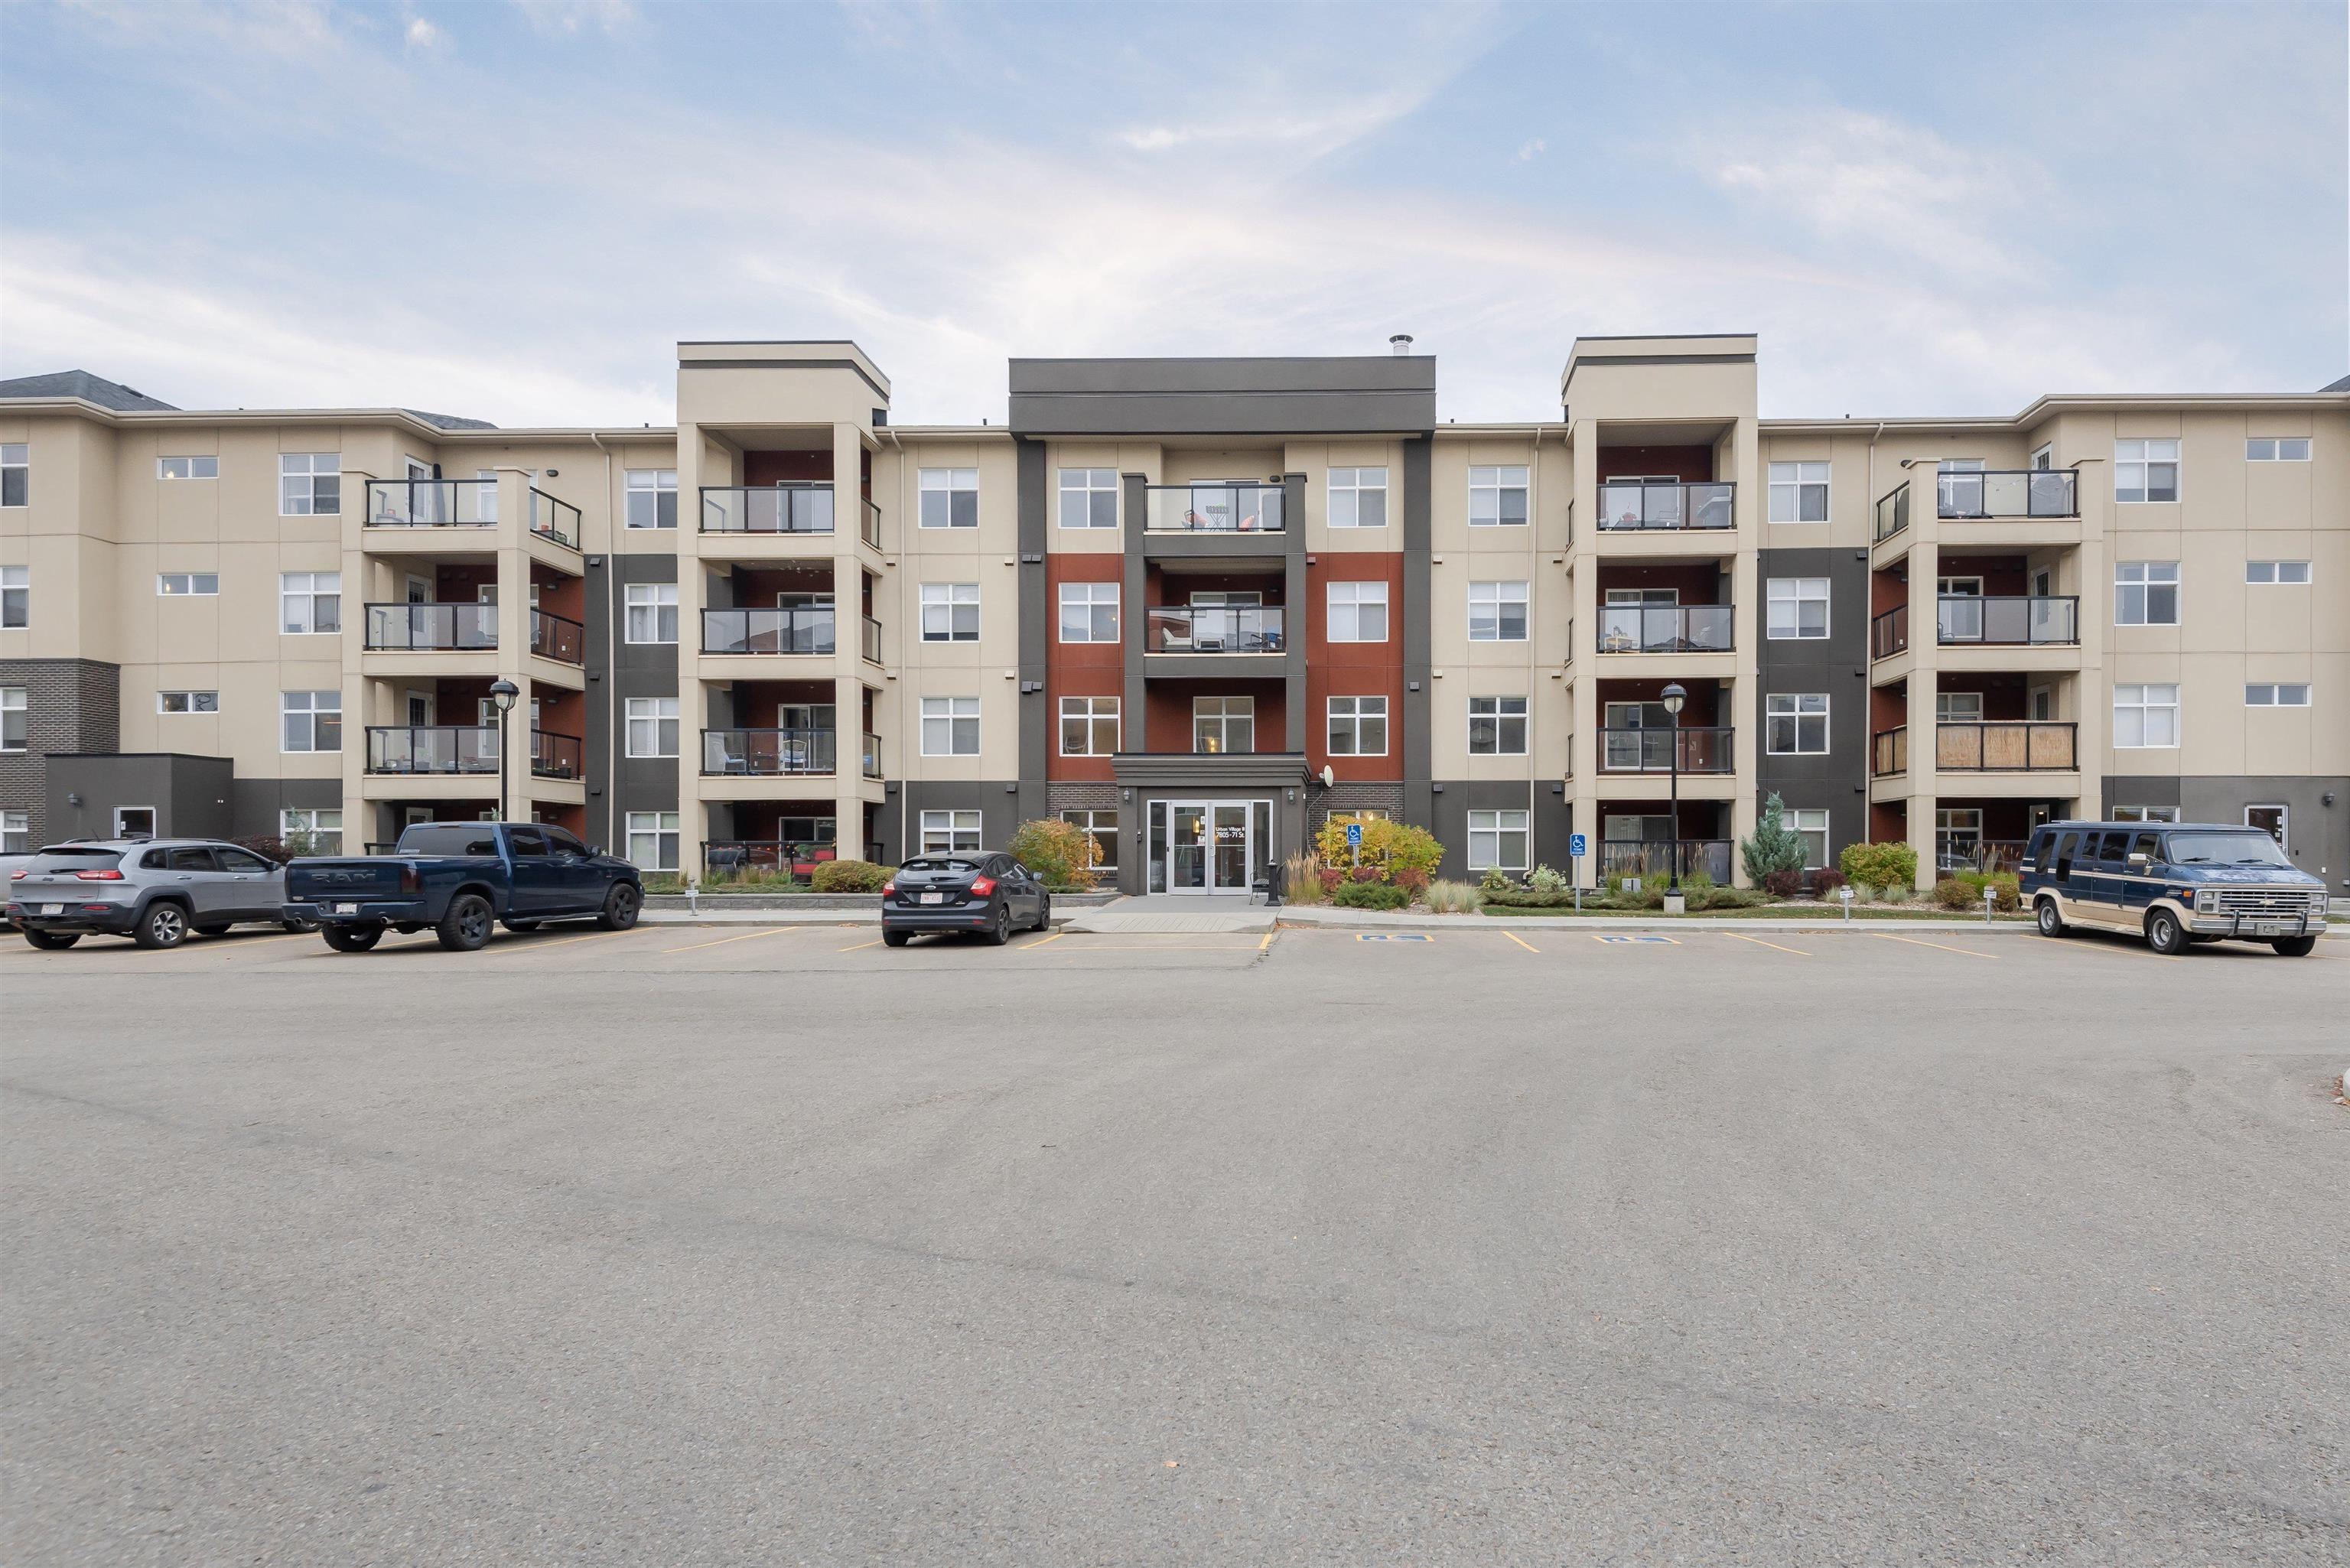 Main Photo: 256 7805 71 Street in Edmonton: Zone 17 Condo for sale : MLS®# E4266039